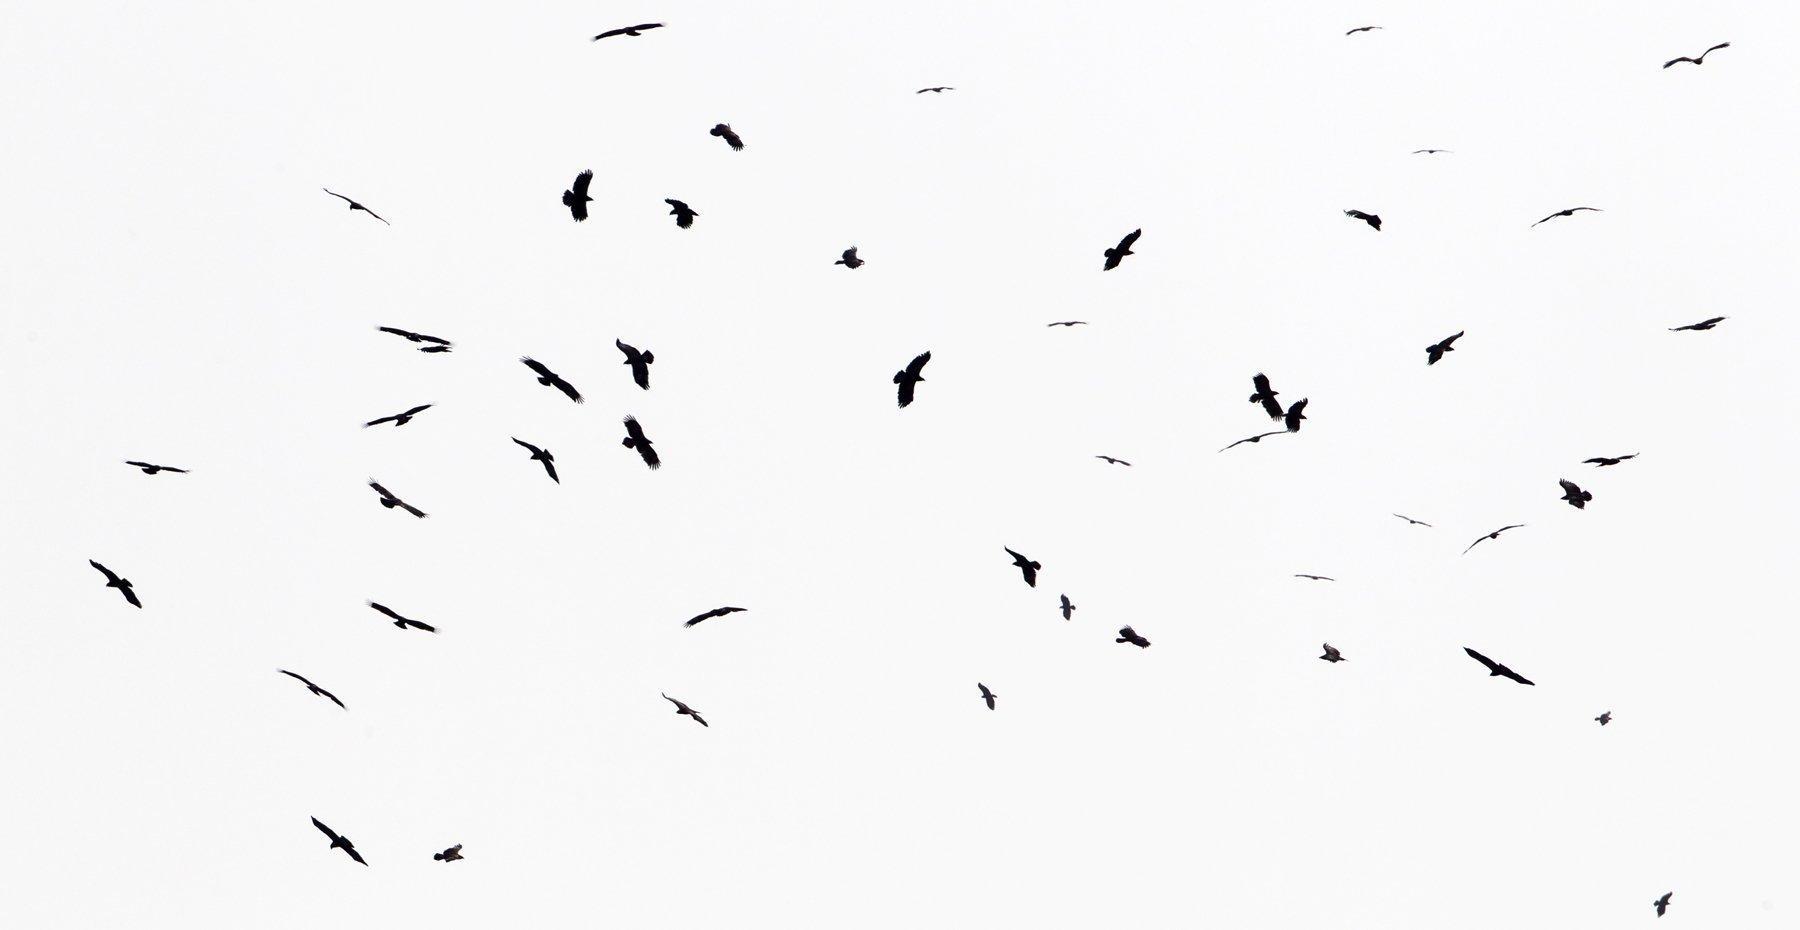 Eine Gruppe Schreiadler schraubt sich in den Himmel